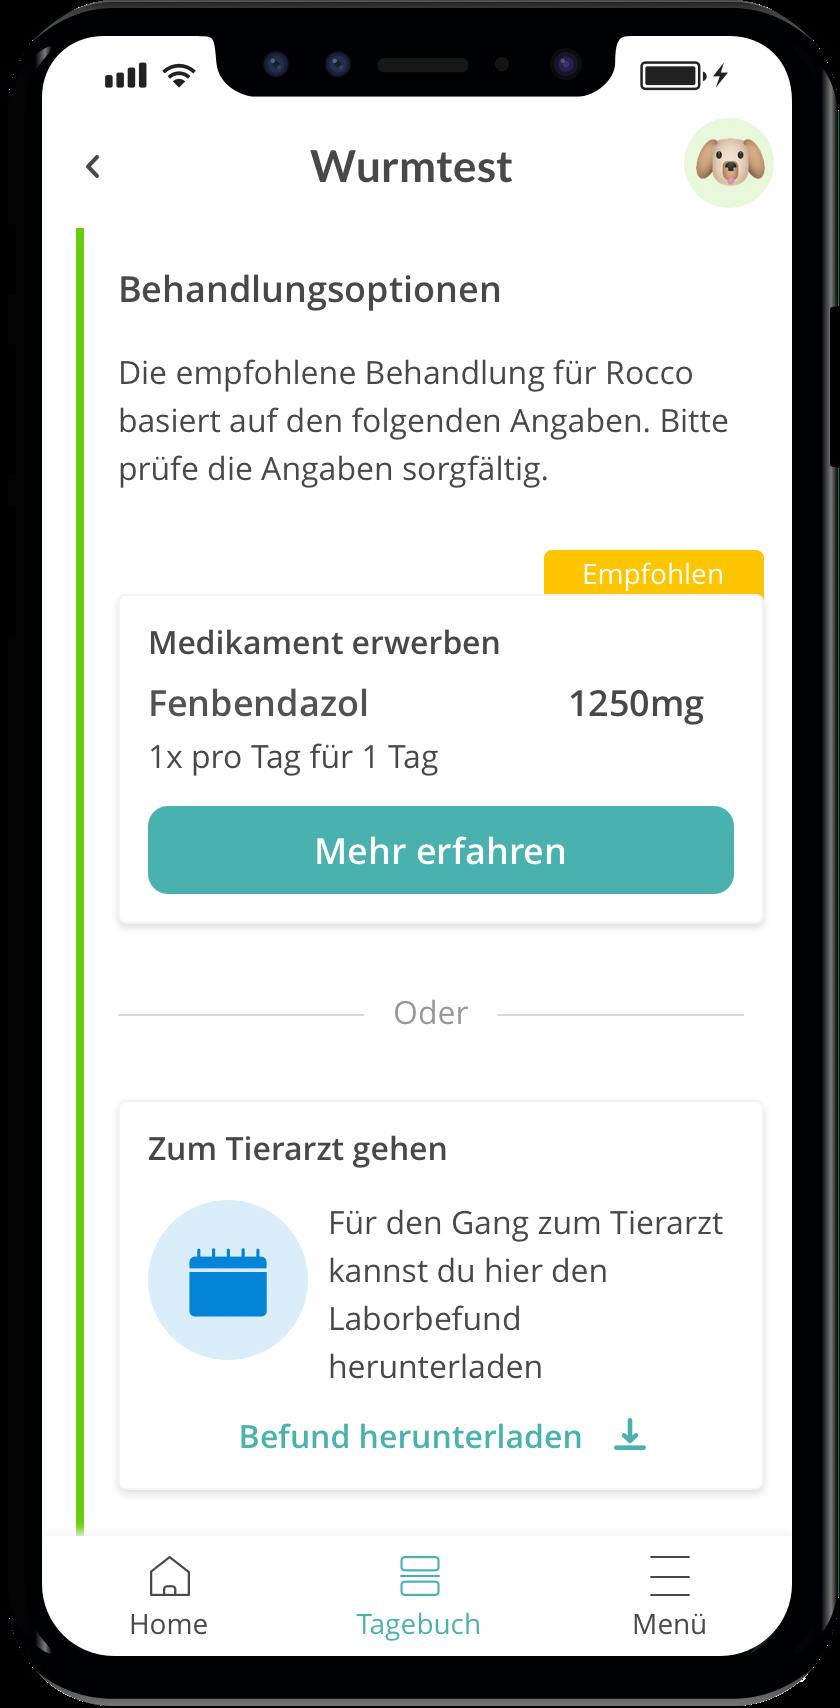 Ergebnis der Rassebestimmung deines Hundes auf die vetevo App